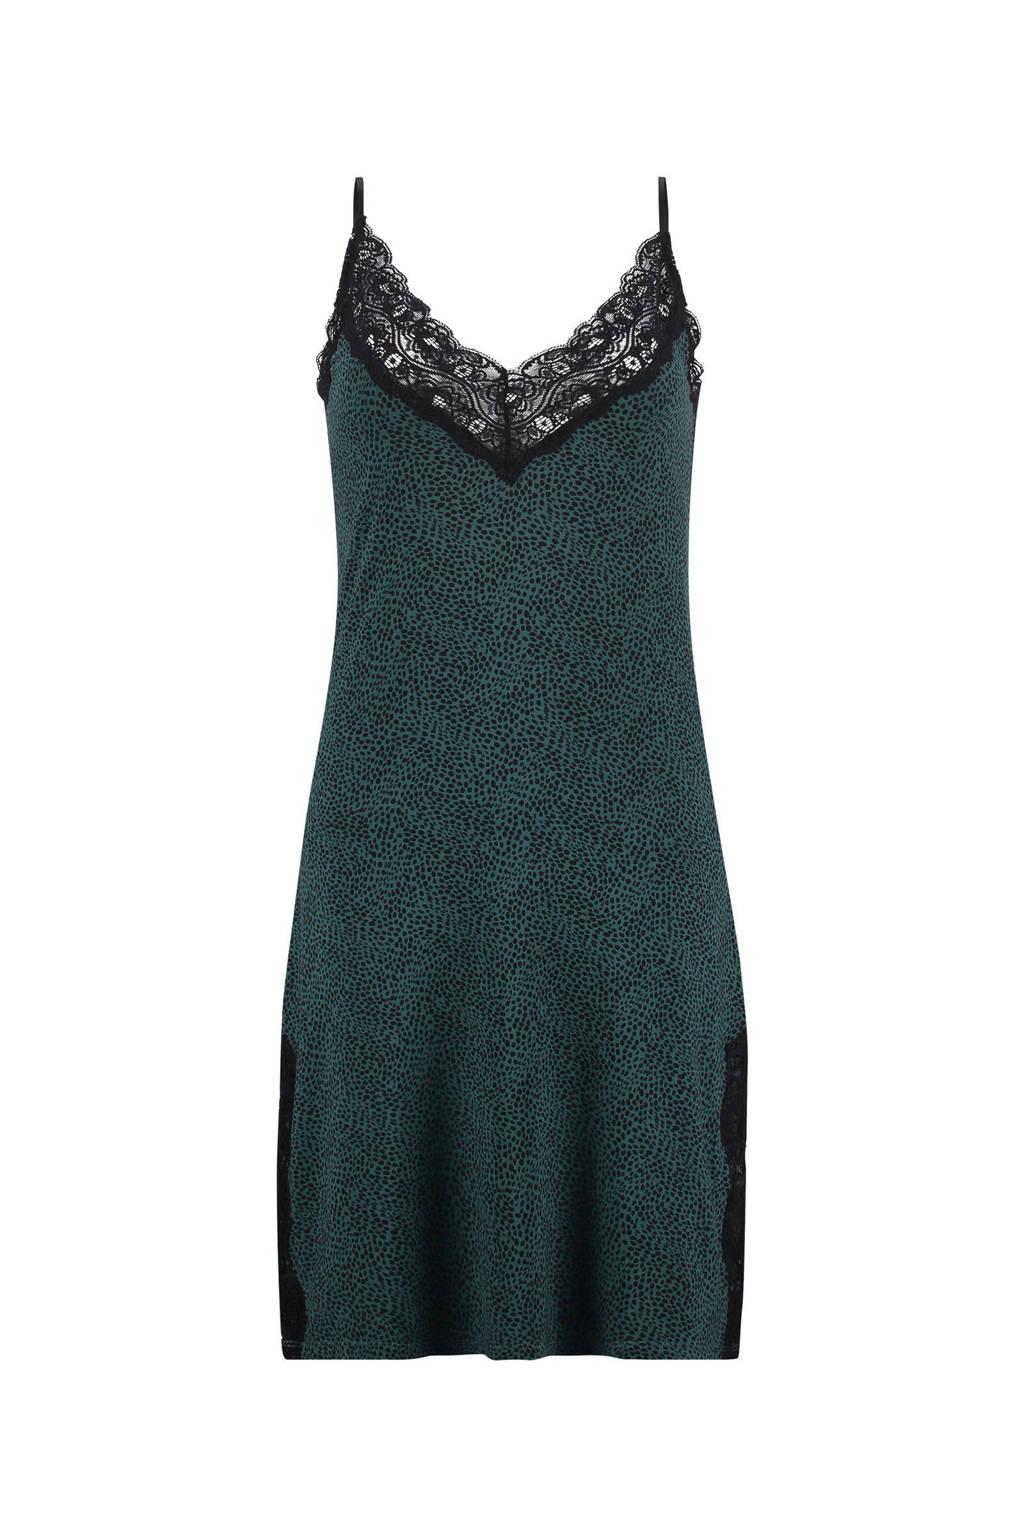 Hunkemöller slipdress Jersey lace met all over panterprint/kant groen/zwart, Groen/zwart